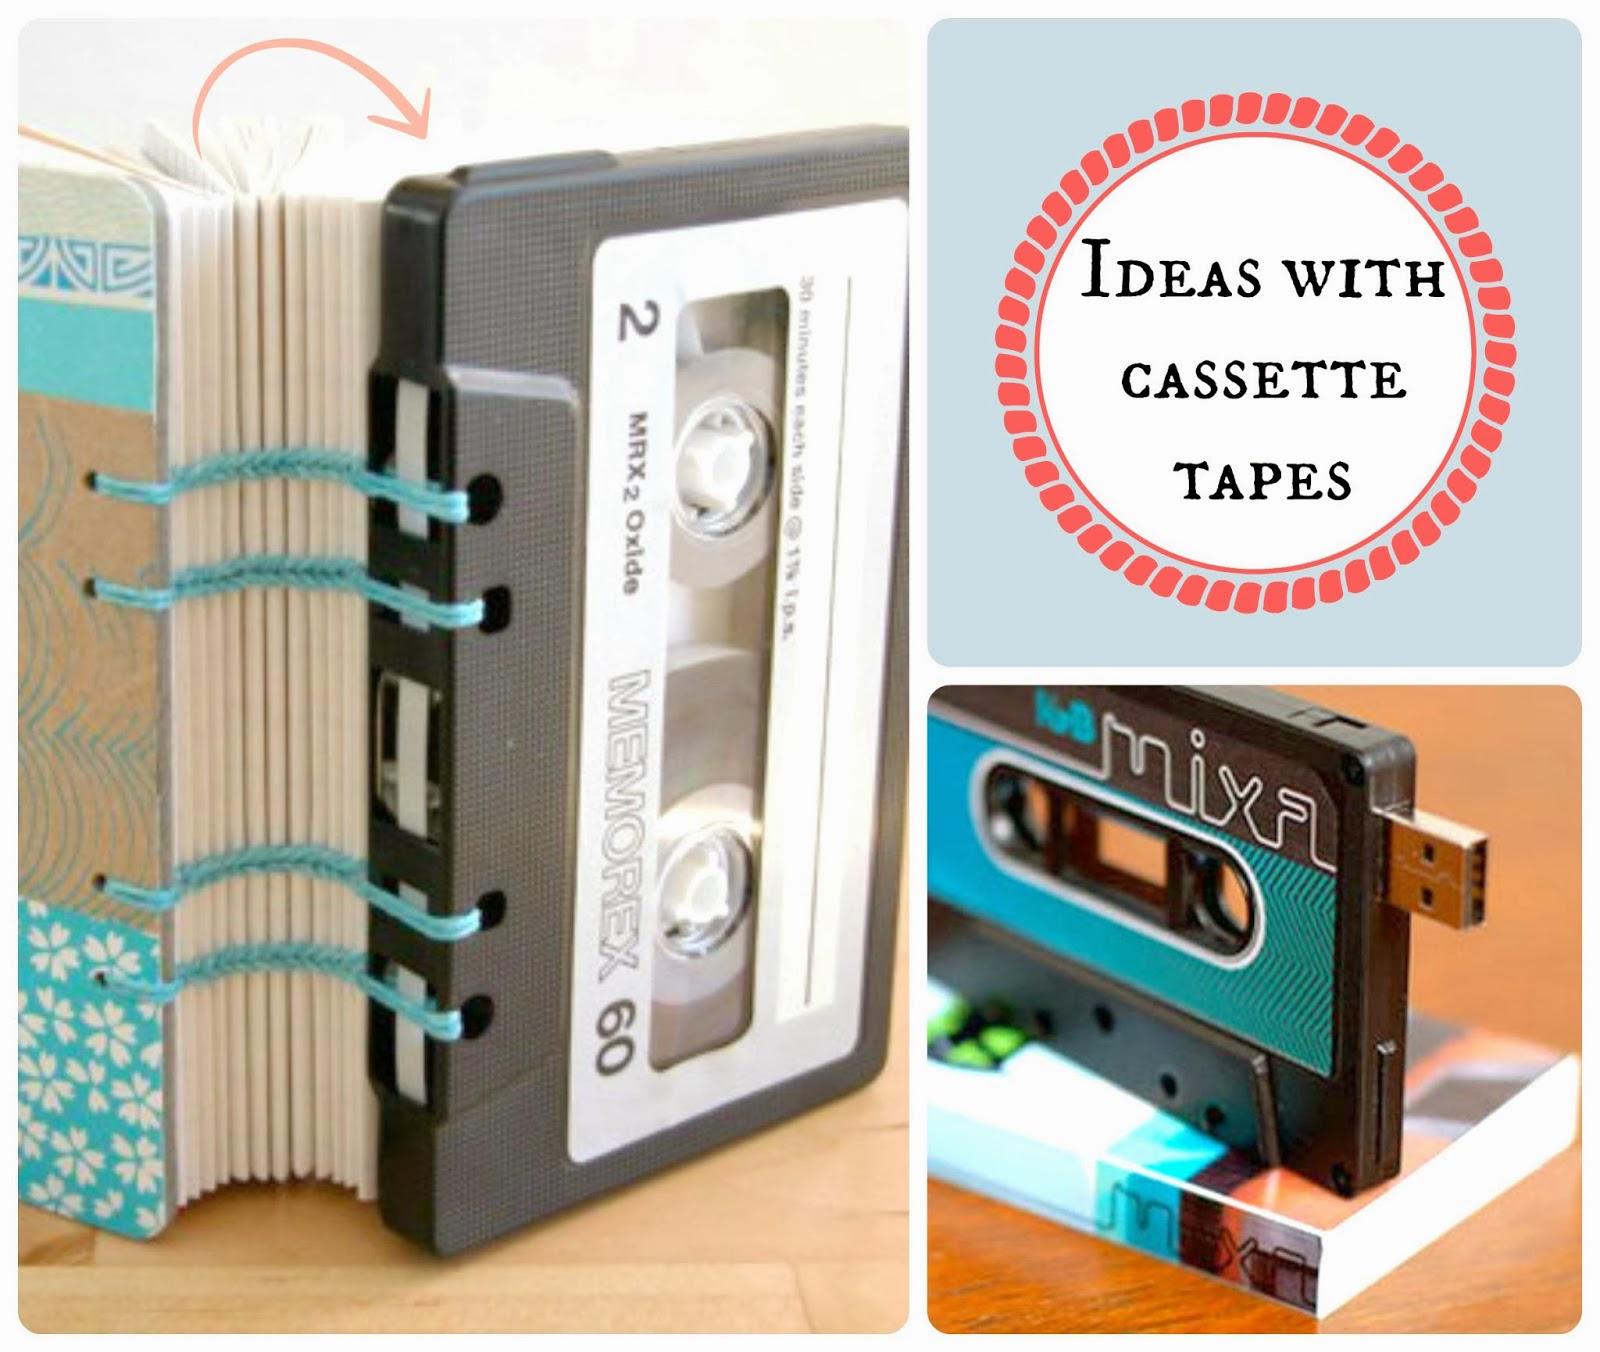 pomysł z kasety magnetofonowej